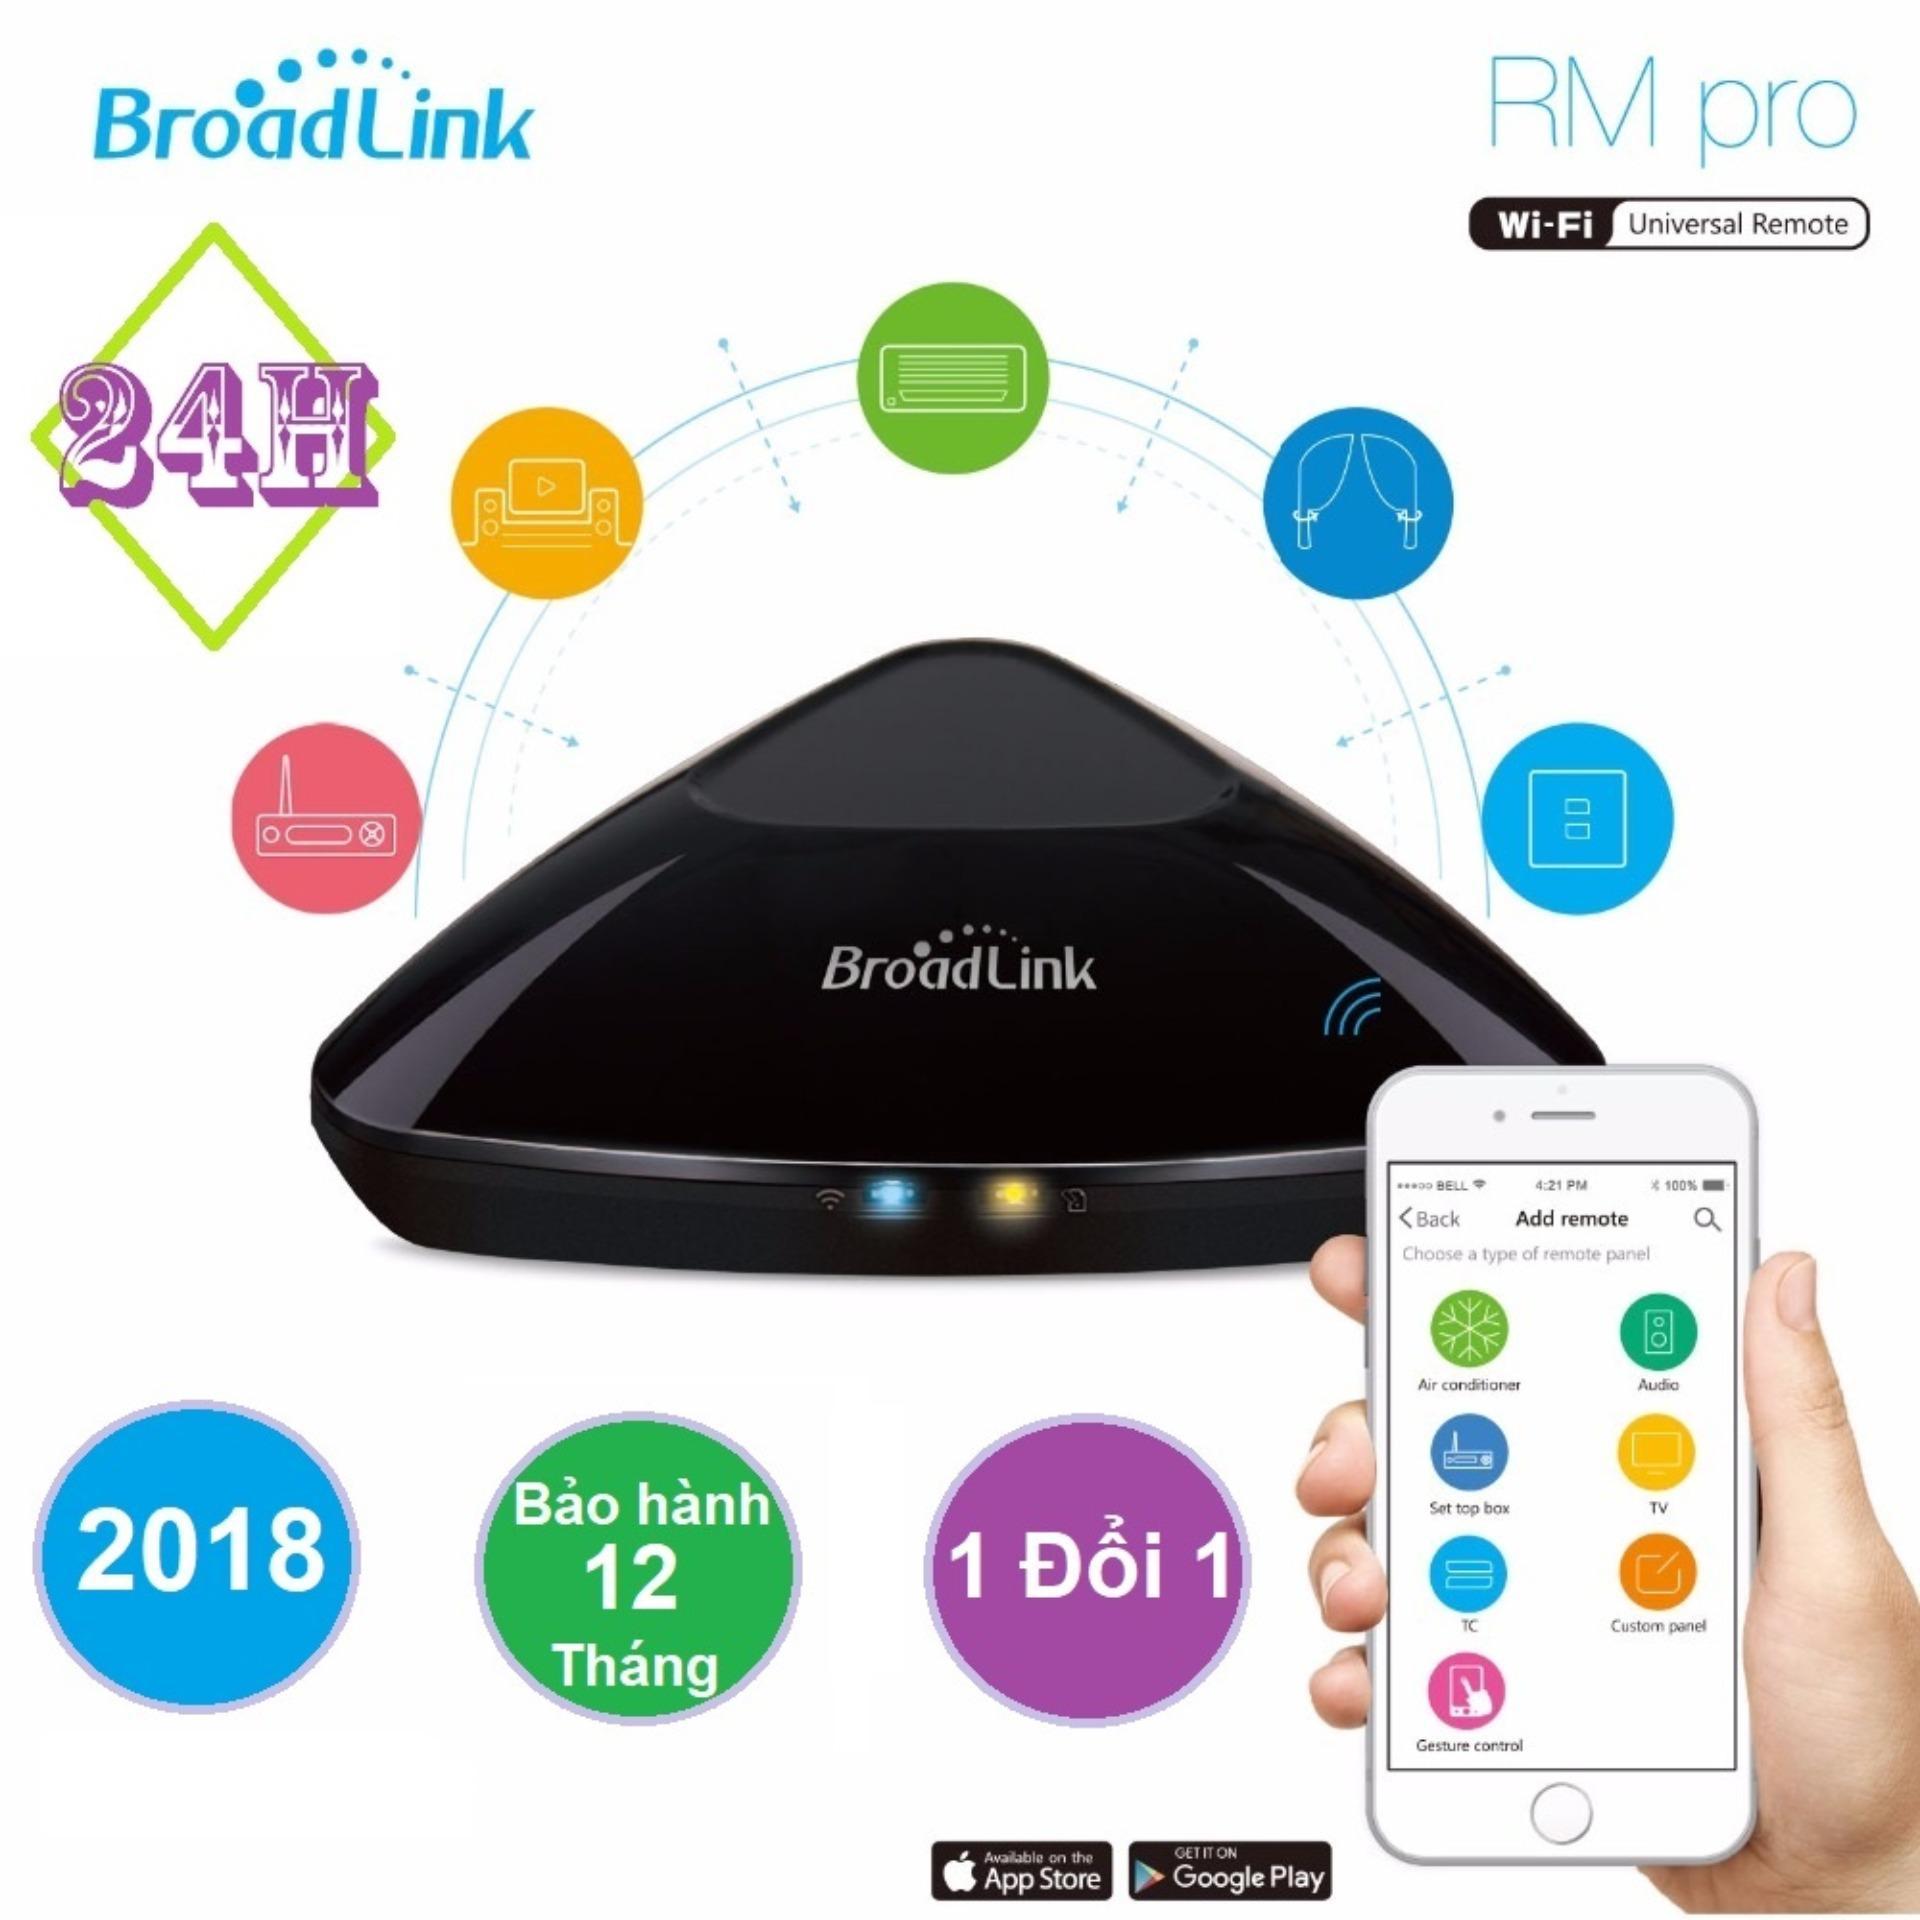 Bộ điều khiển trung tâm Broadlink RM-Pro + (Bản 2018)